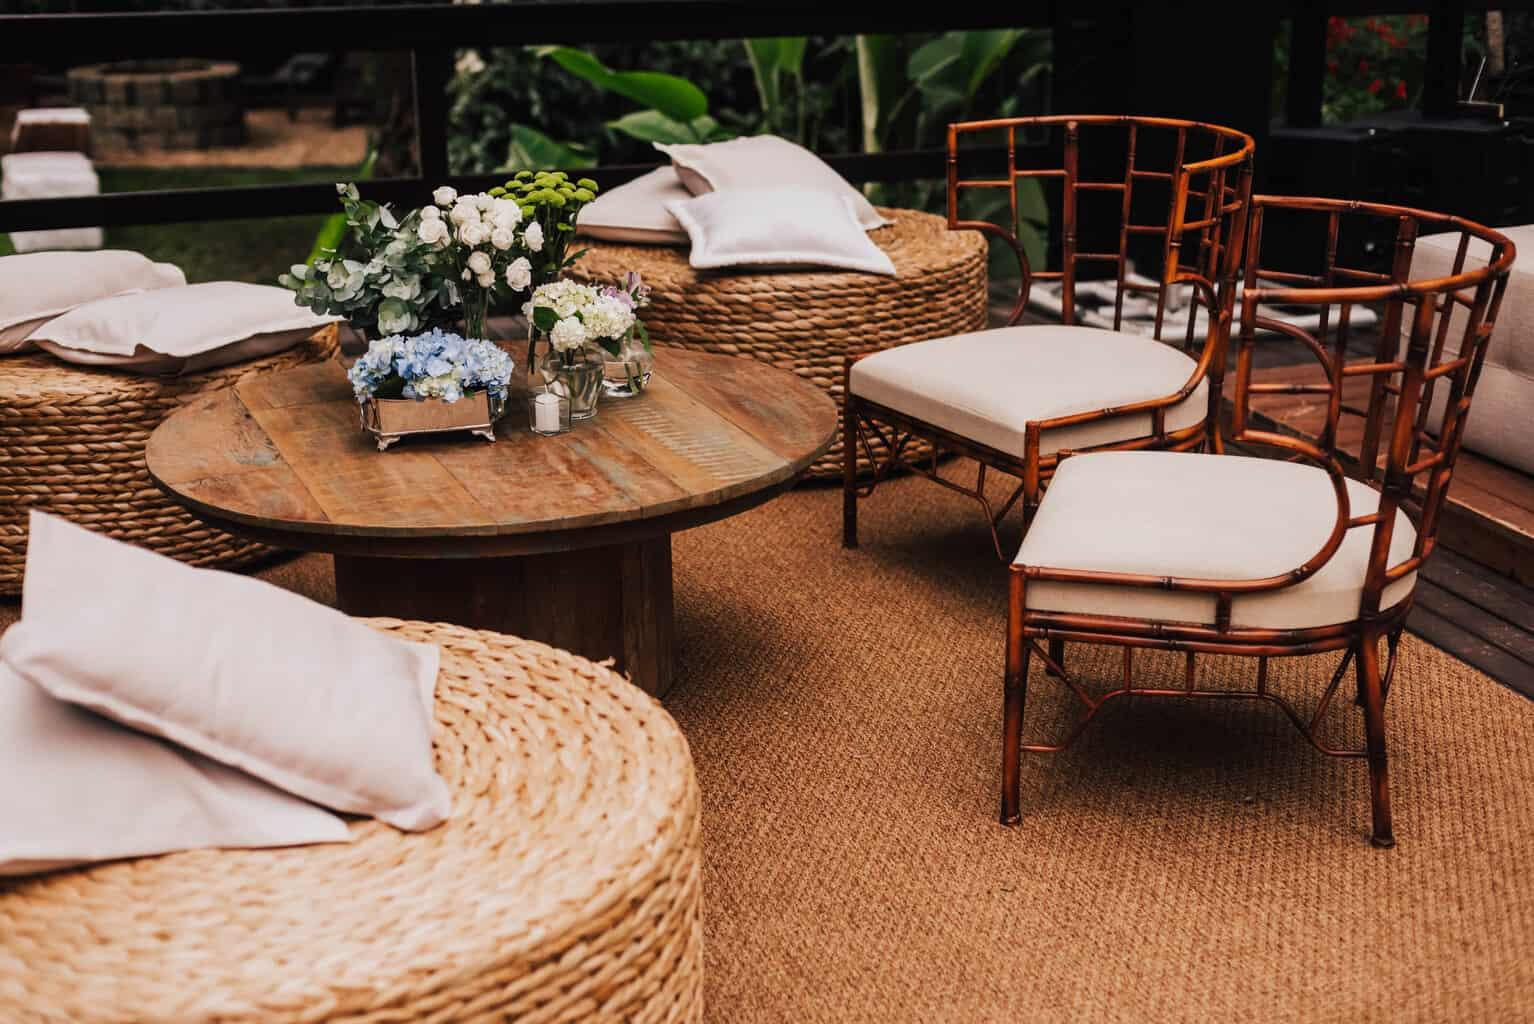 casamento-Maitê-e-Breno-decor-contemporanea-decoracao-branca-com-verde-Fotografia-Mana-Gollo-Hotel-Timbó-Park4